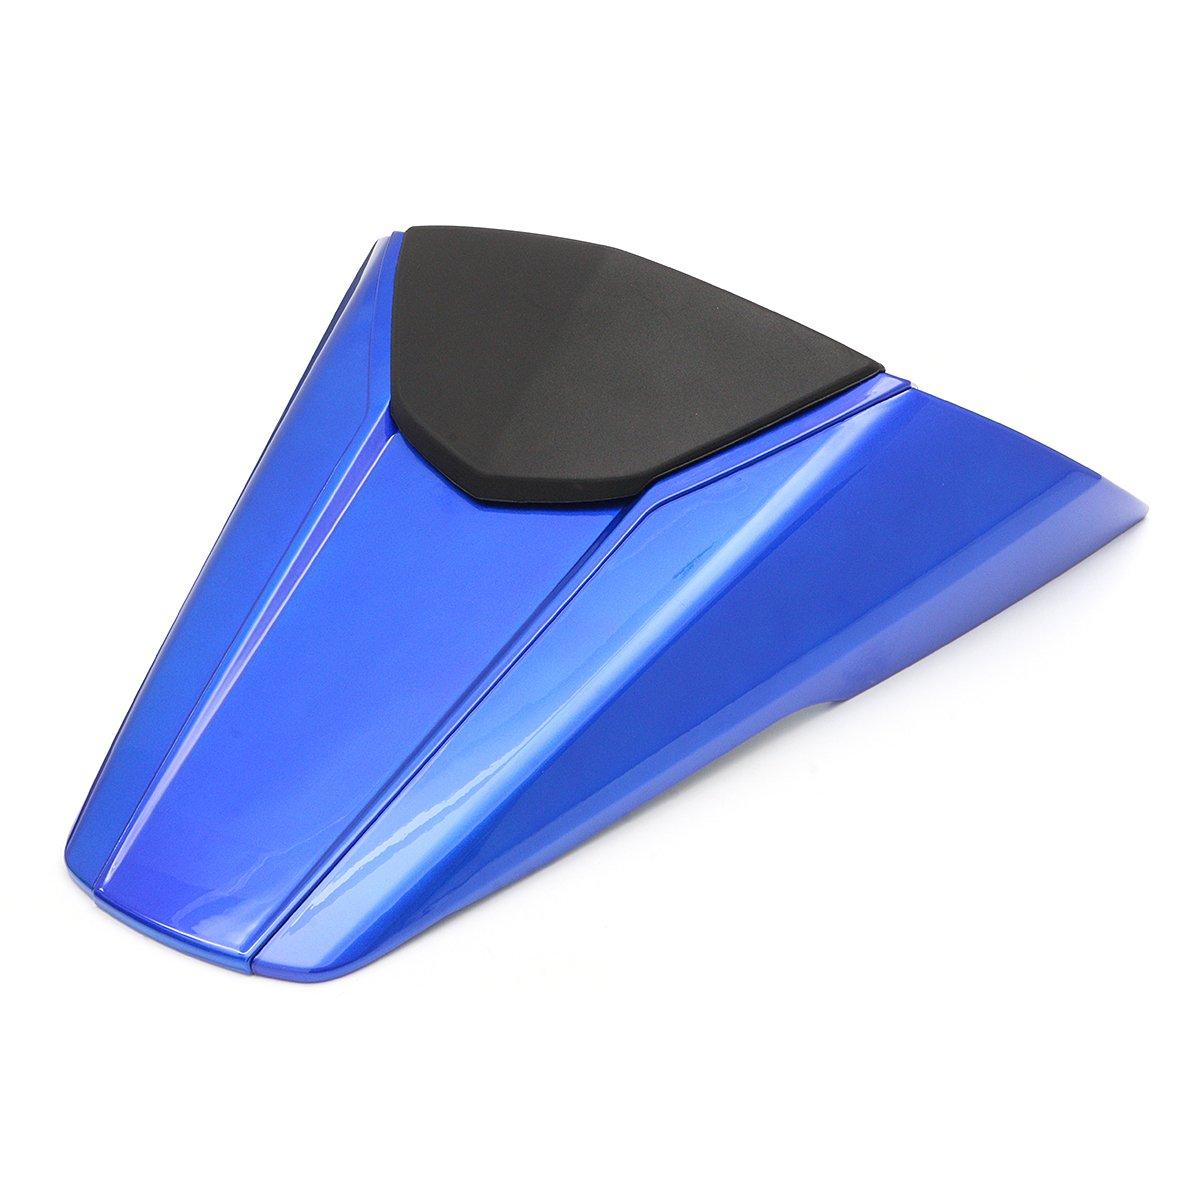 Alamor Cubierta de la capucha del asiento trasero de la motocicleta para Honda CB650F CBR650F 2014-2015 BS1 Azul